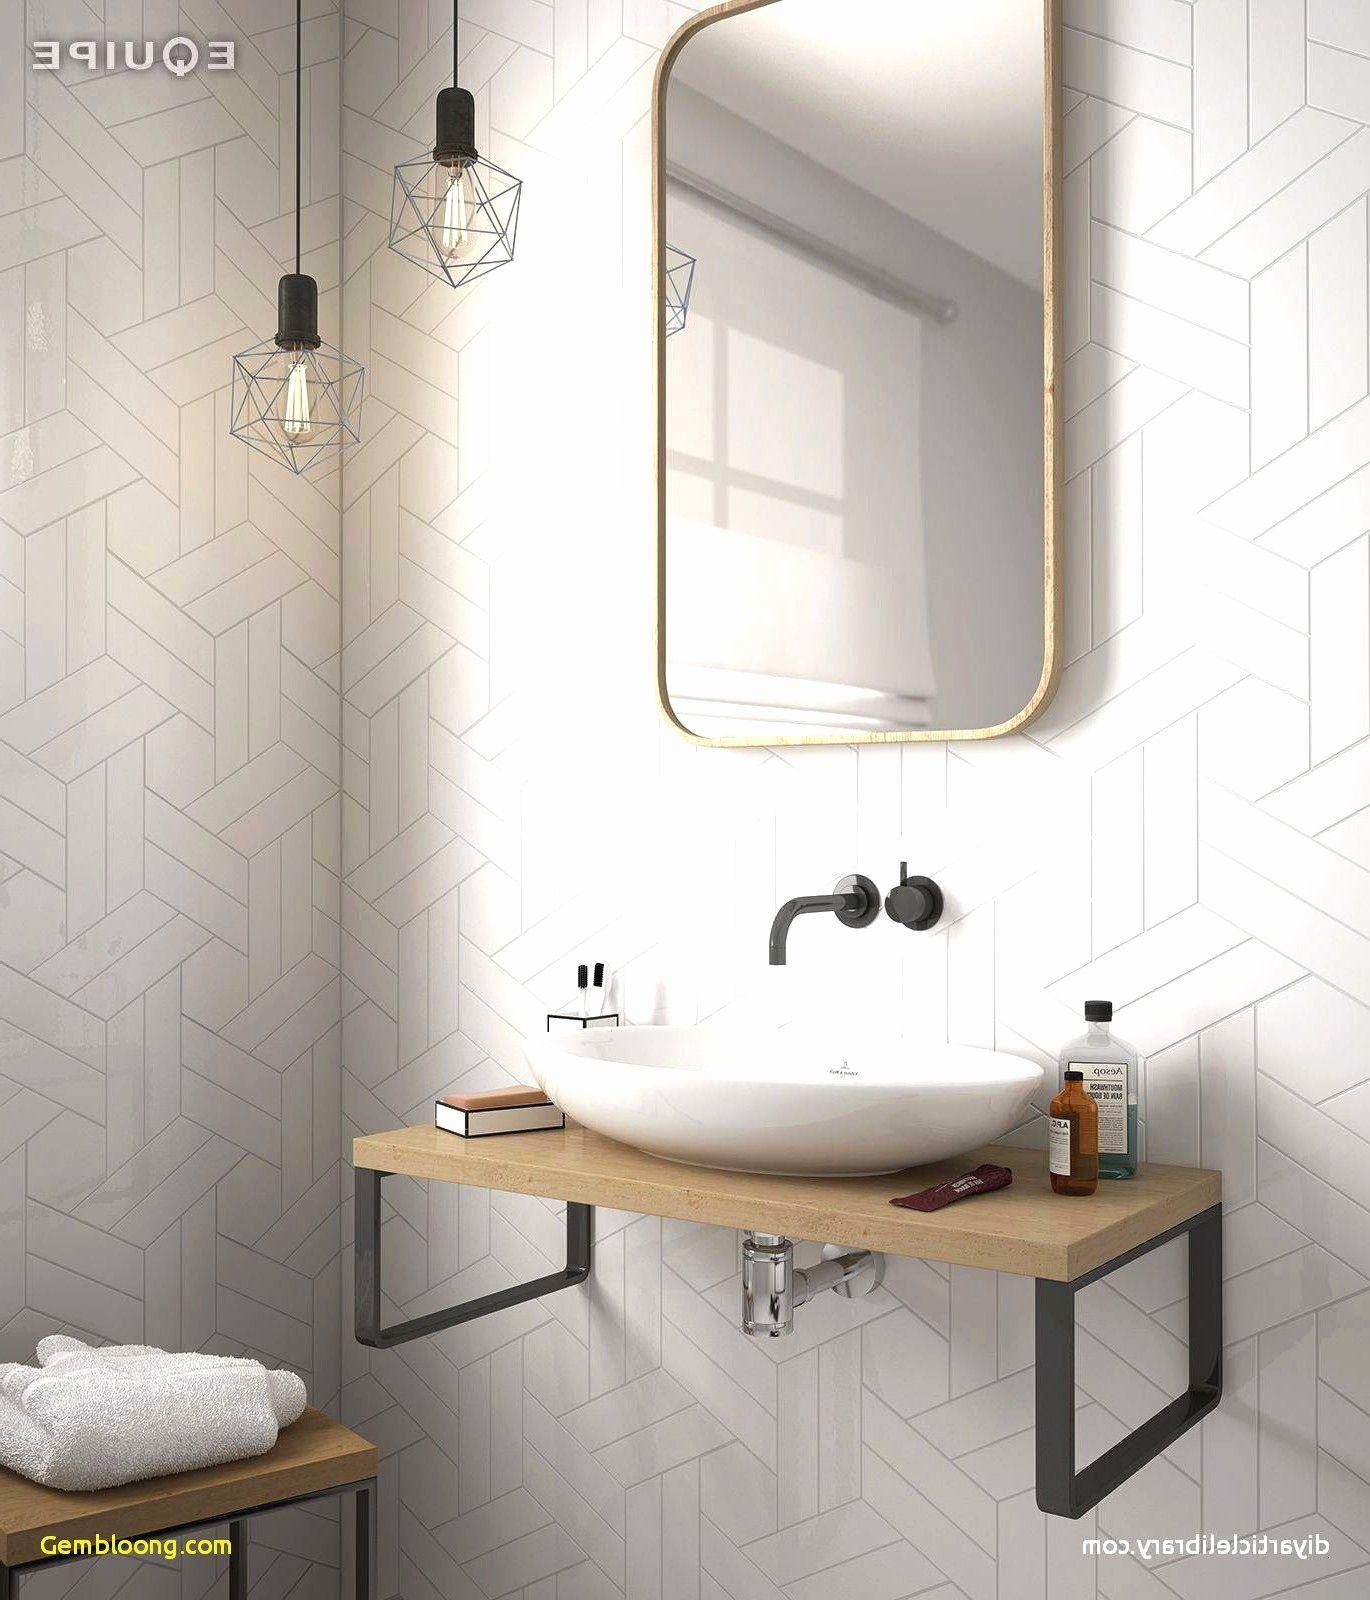 Fliesen Badezimmer Ideen Kleines Bad Schwarz Weiss: Badezimmer